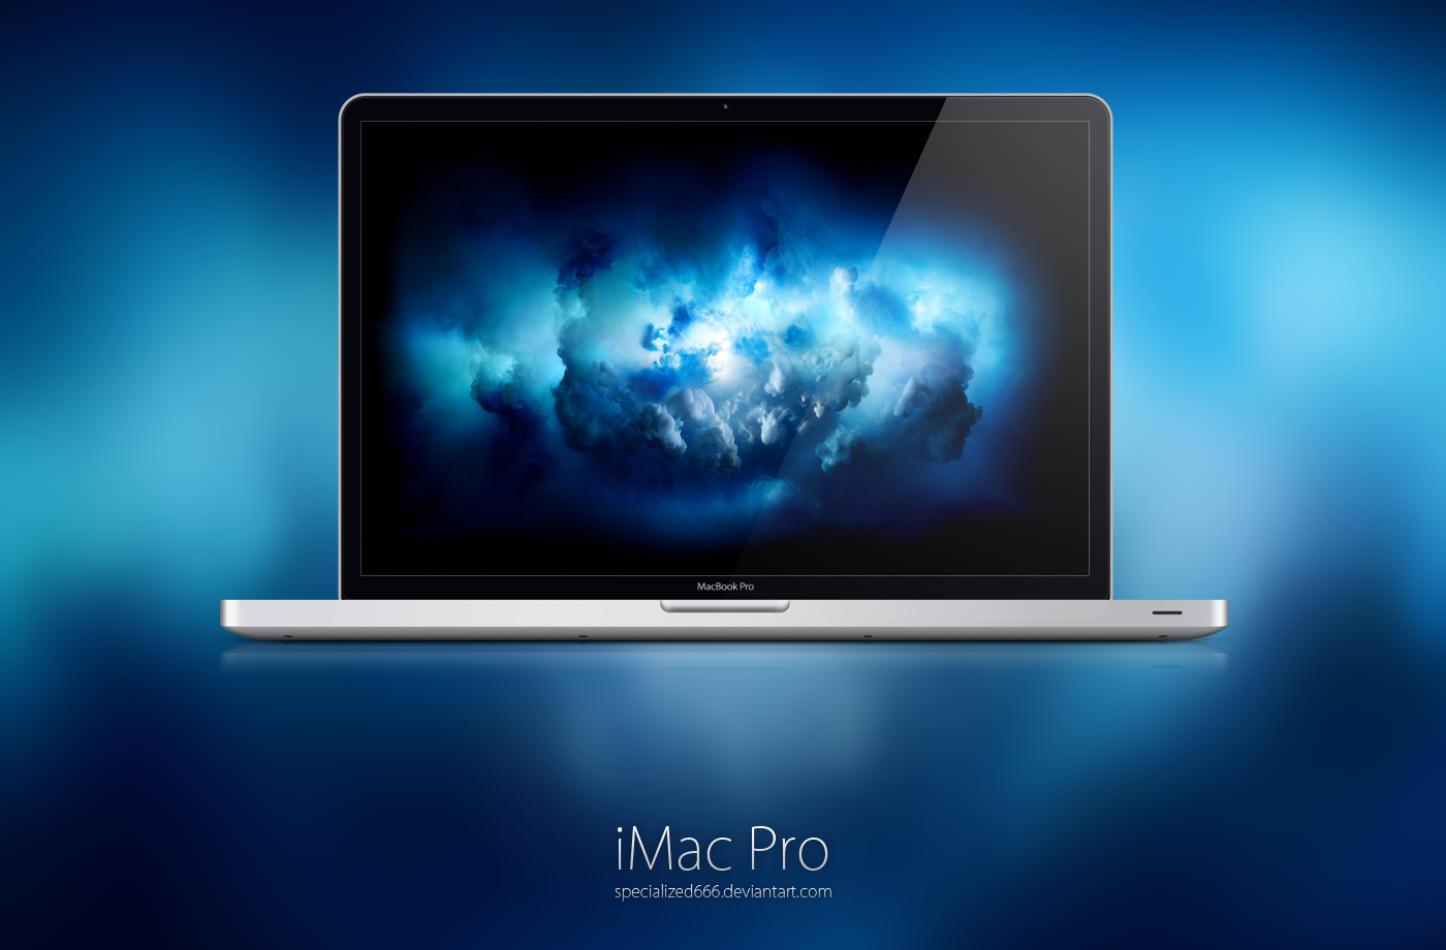 Imac Proの公式画像の壁紙がダウンロード可能に ゴリミー